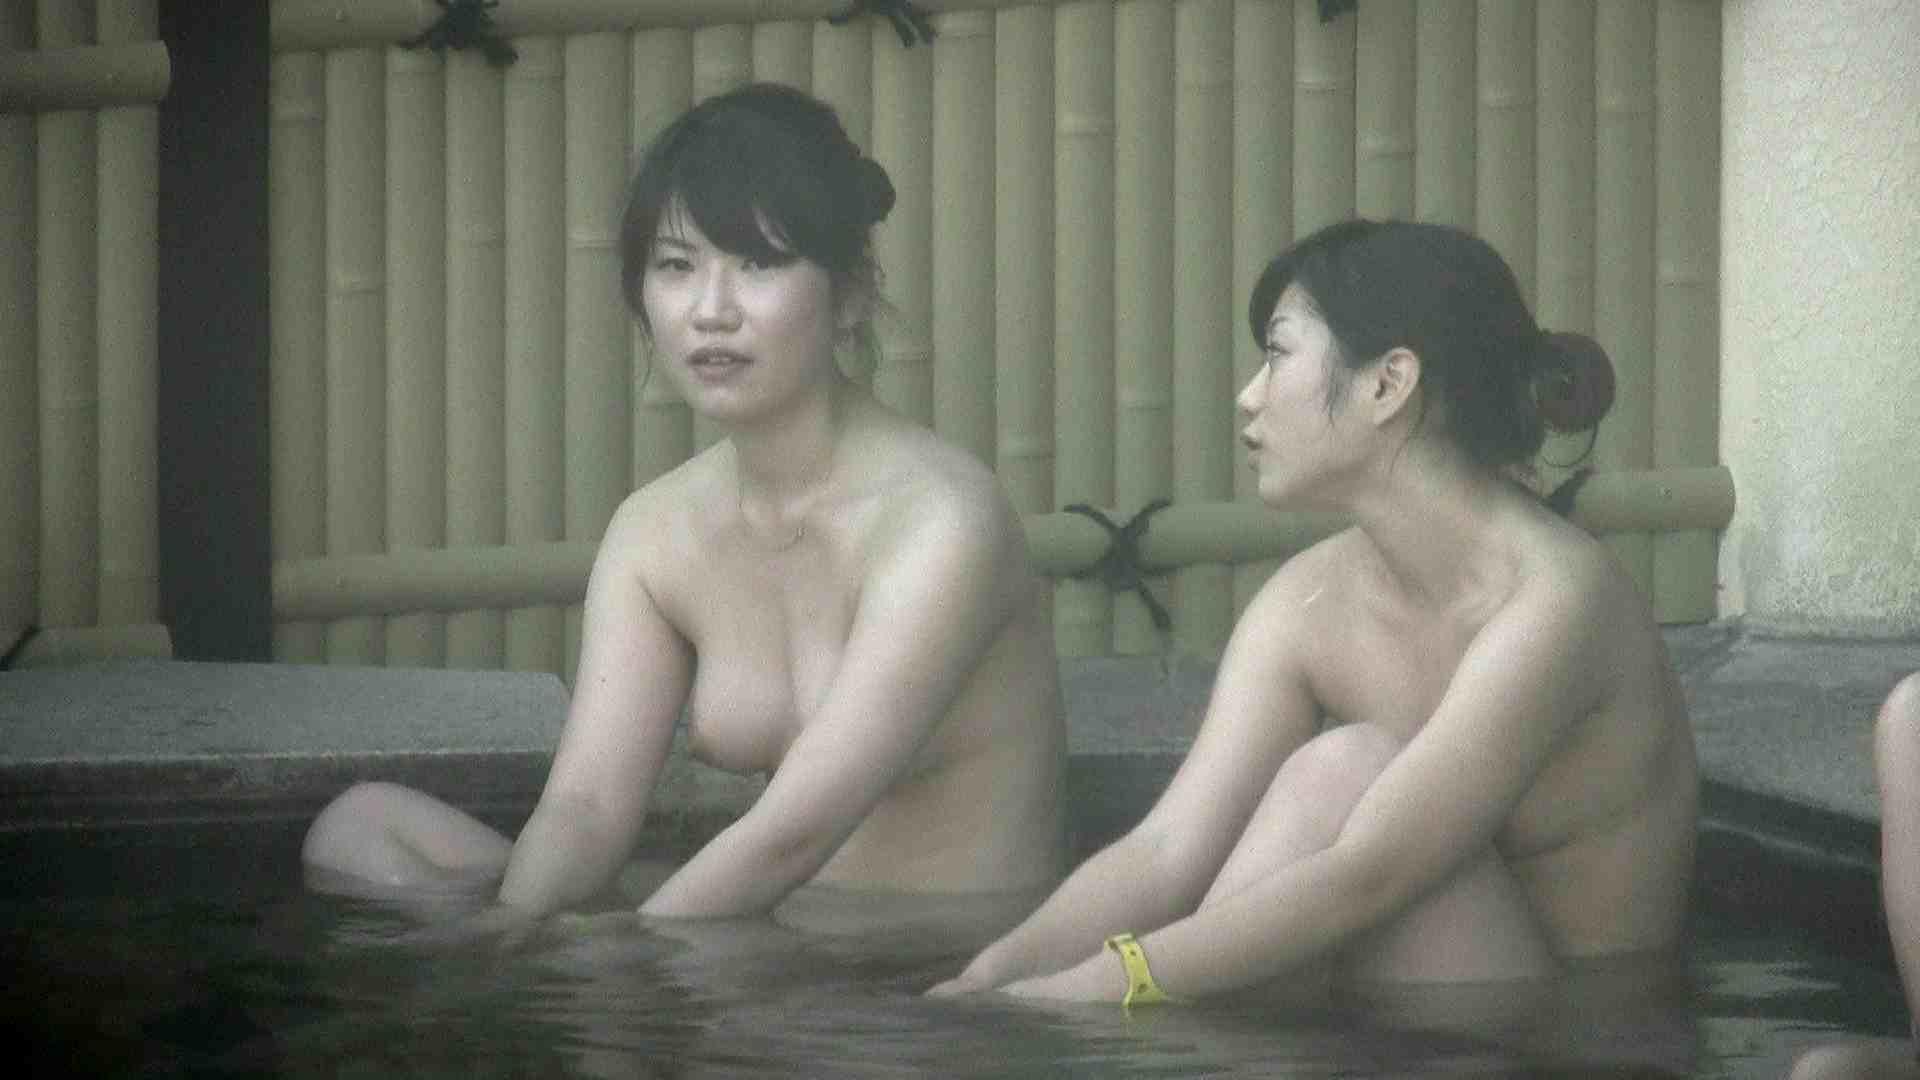 Aquaな露天風呂Vol.206 露天風呂 われめAV動画紹介 87連発 11